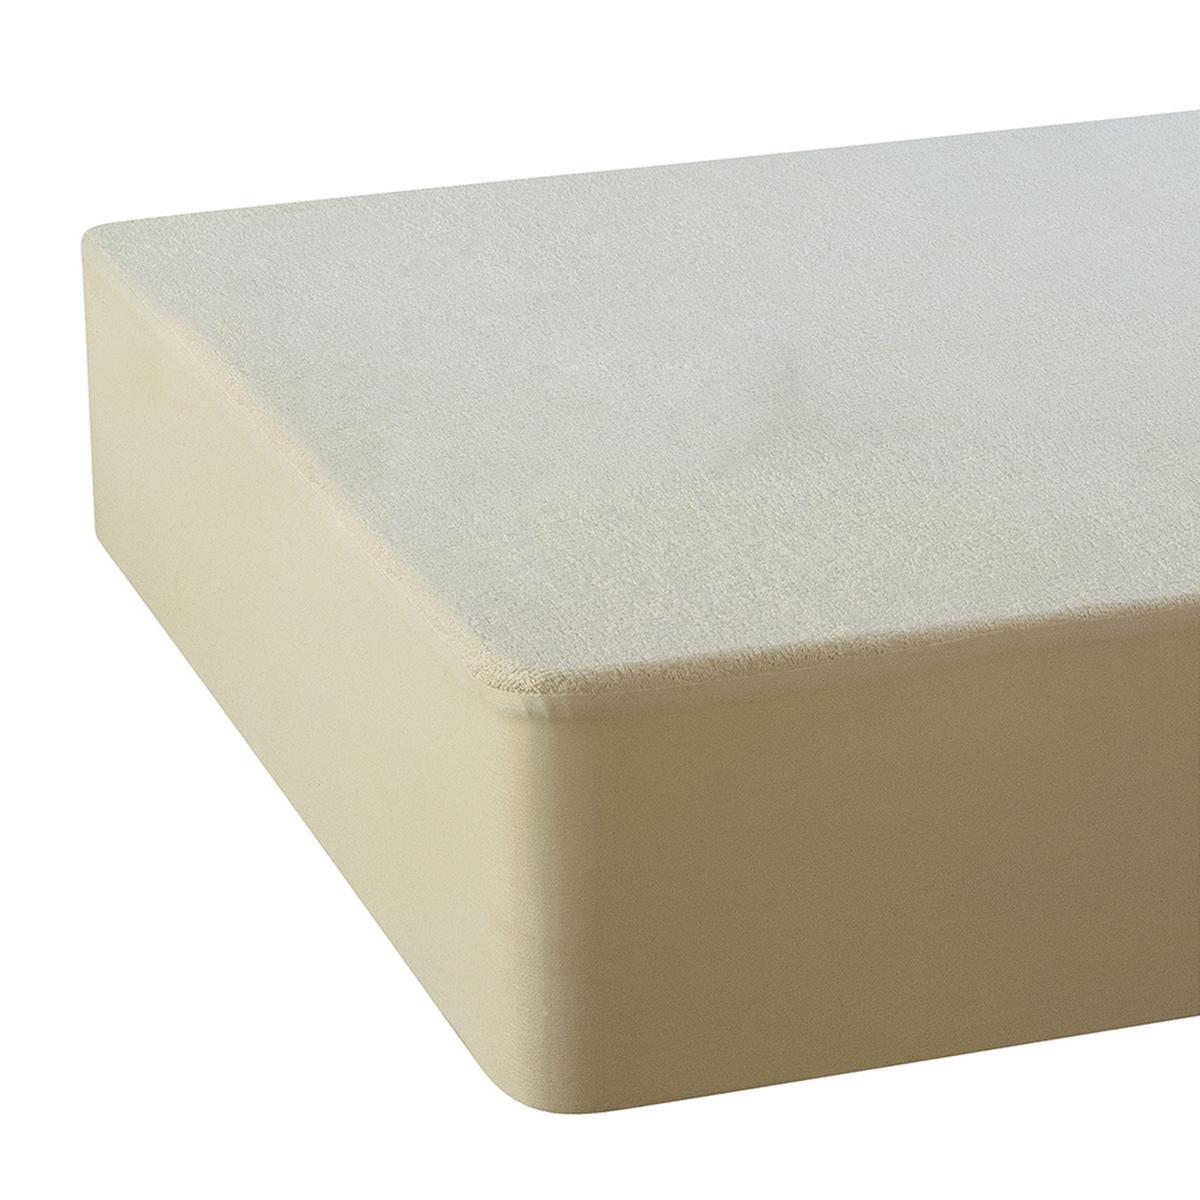 Чехол для матраса с обработкой Pur Essential®ХарактеристикиОписание защитного чехла :Подстилка в форме чехла.Мольтон с начесом (260 г/м?), 85% переработанного хлопка (полученного в результате повторного использования отходов текстильного производства, чтобы ограничить перерасход материала и снизить воздействие на окружающую среду), 15% полиэстера с обеих сторон.Обработка Pur Essential® на основе натуральных активных веществ против клещей, плесени, бактерий и аллергий.Клапан из джерси стретч и чистого хлопка позволяет использовать чехол для матрасов до 30 см шириной.Стирка при температуре до 60°. Биоцидная обработка<br><br>Цвет: экрю